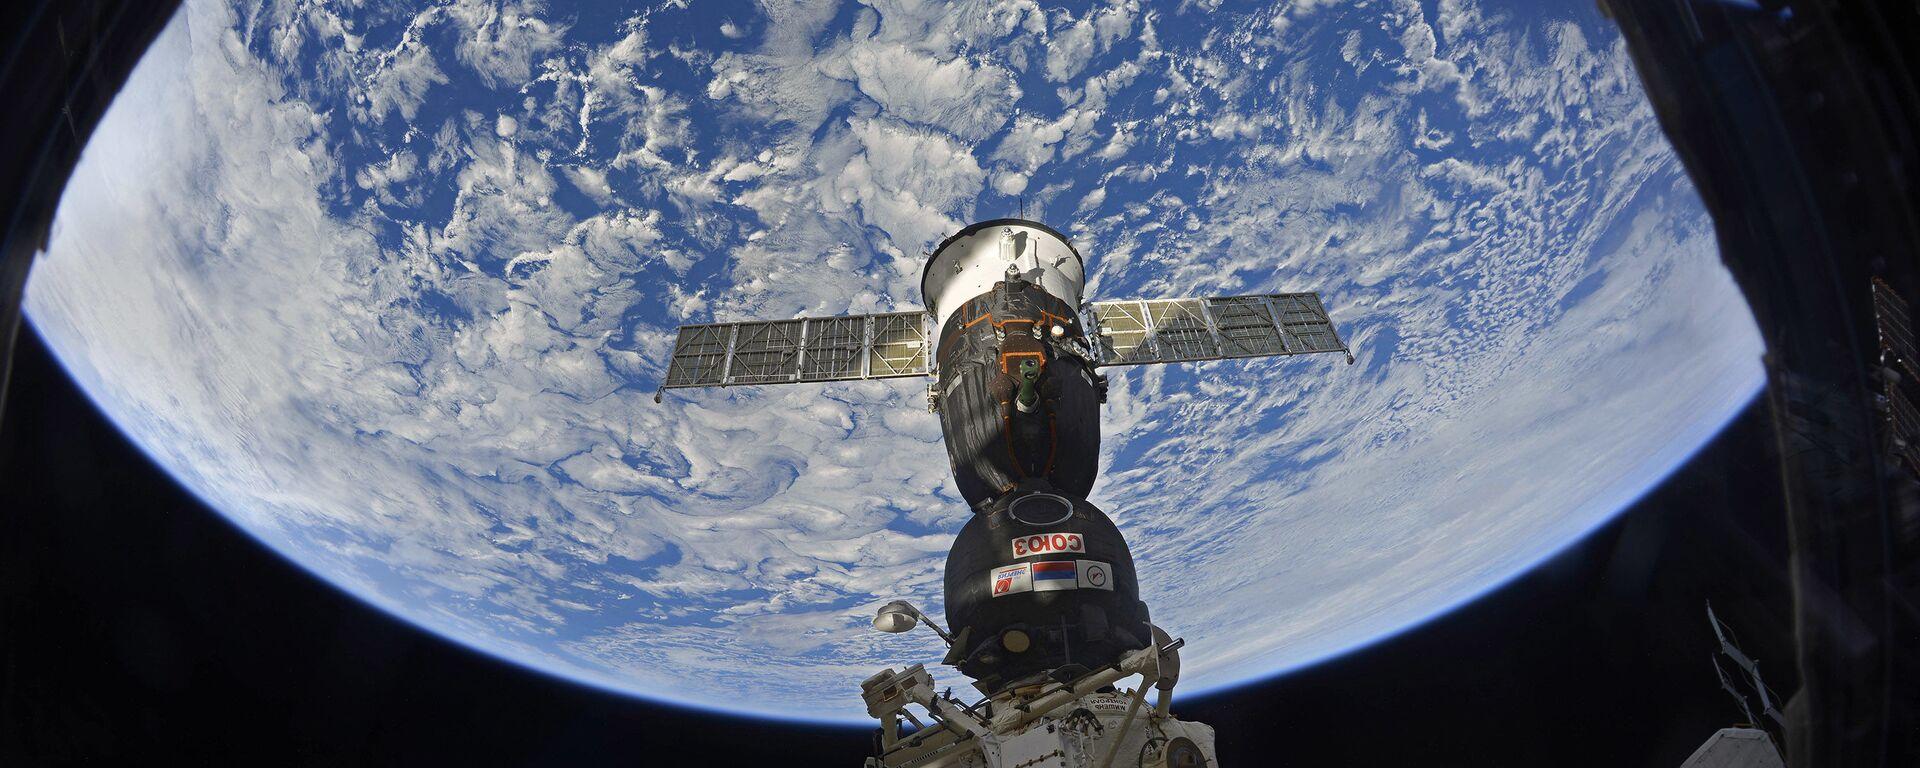 Пристајање свемирског брода са посадом Сојуз МС 12 на Међународну свемирску станицу - Sputnik Србија, 1920, 13.01.2021